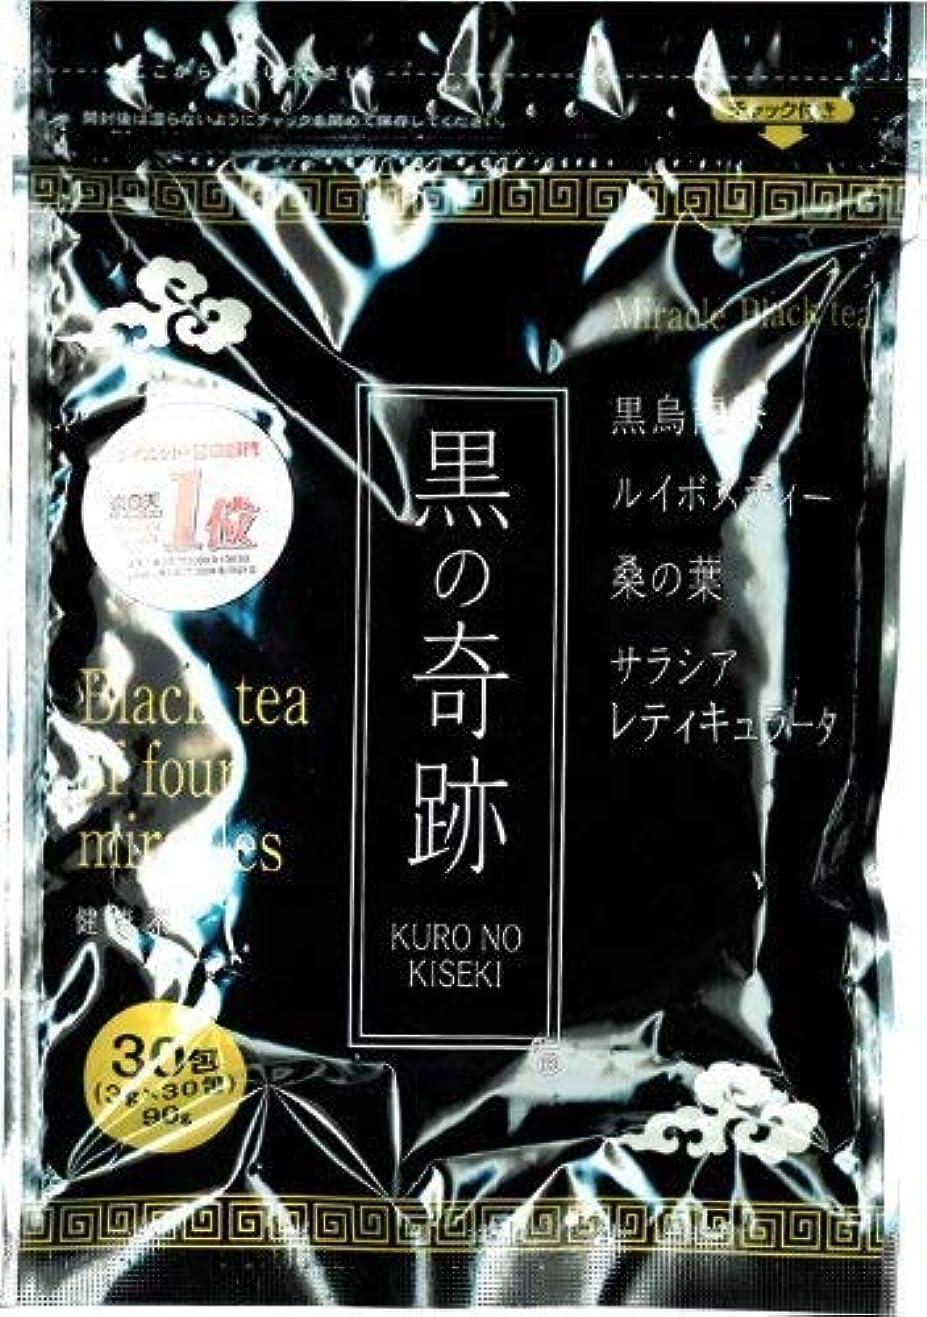 川フォーカスによると黒の奇跡 (30包入) 1袋